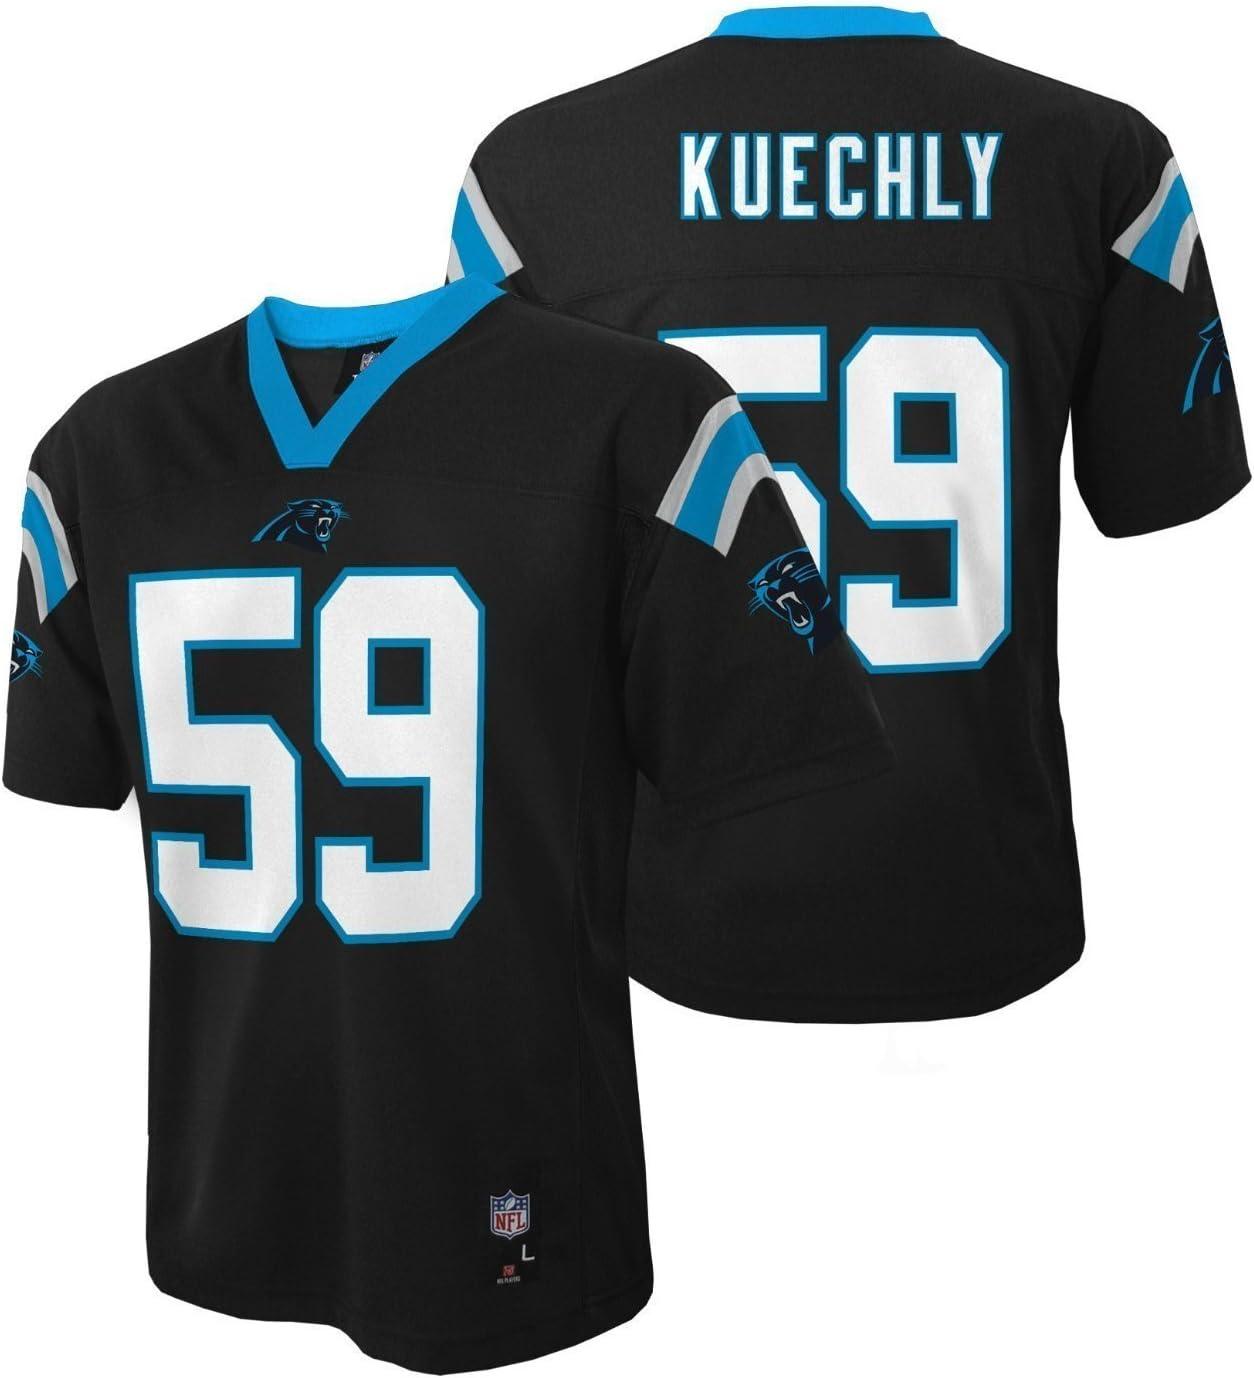 Outerstuff Luke Kuechly Carolina Panthers Infant/Baby Black Jersey